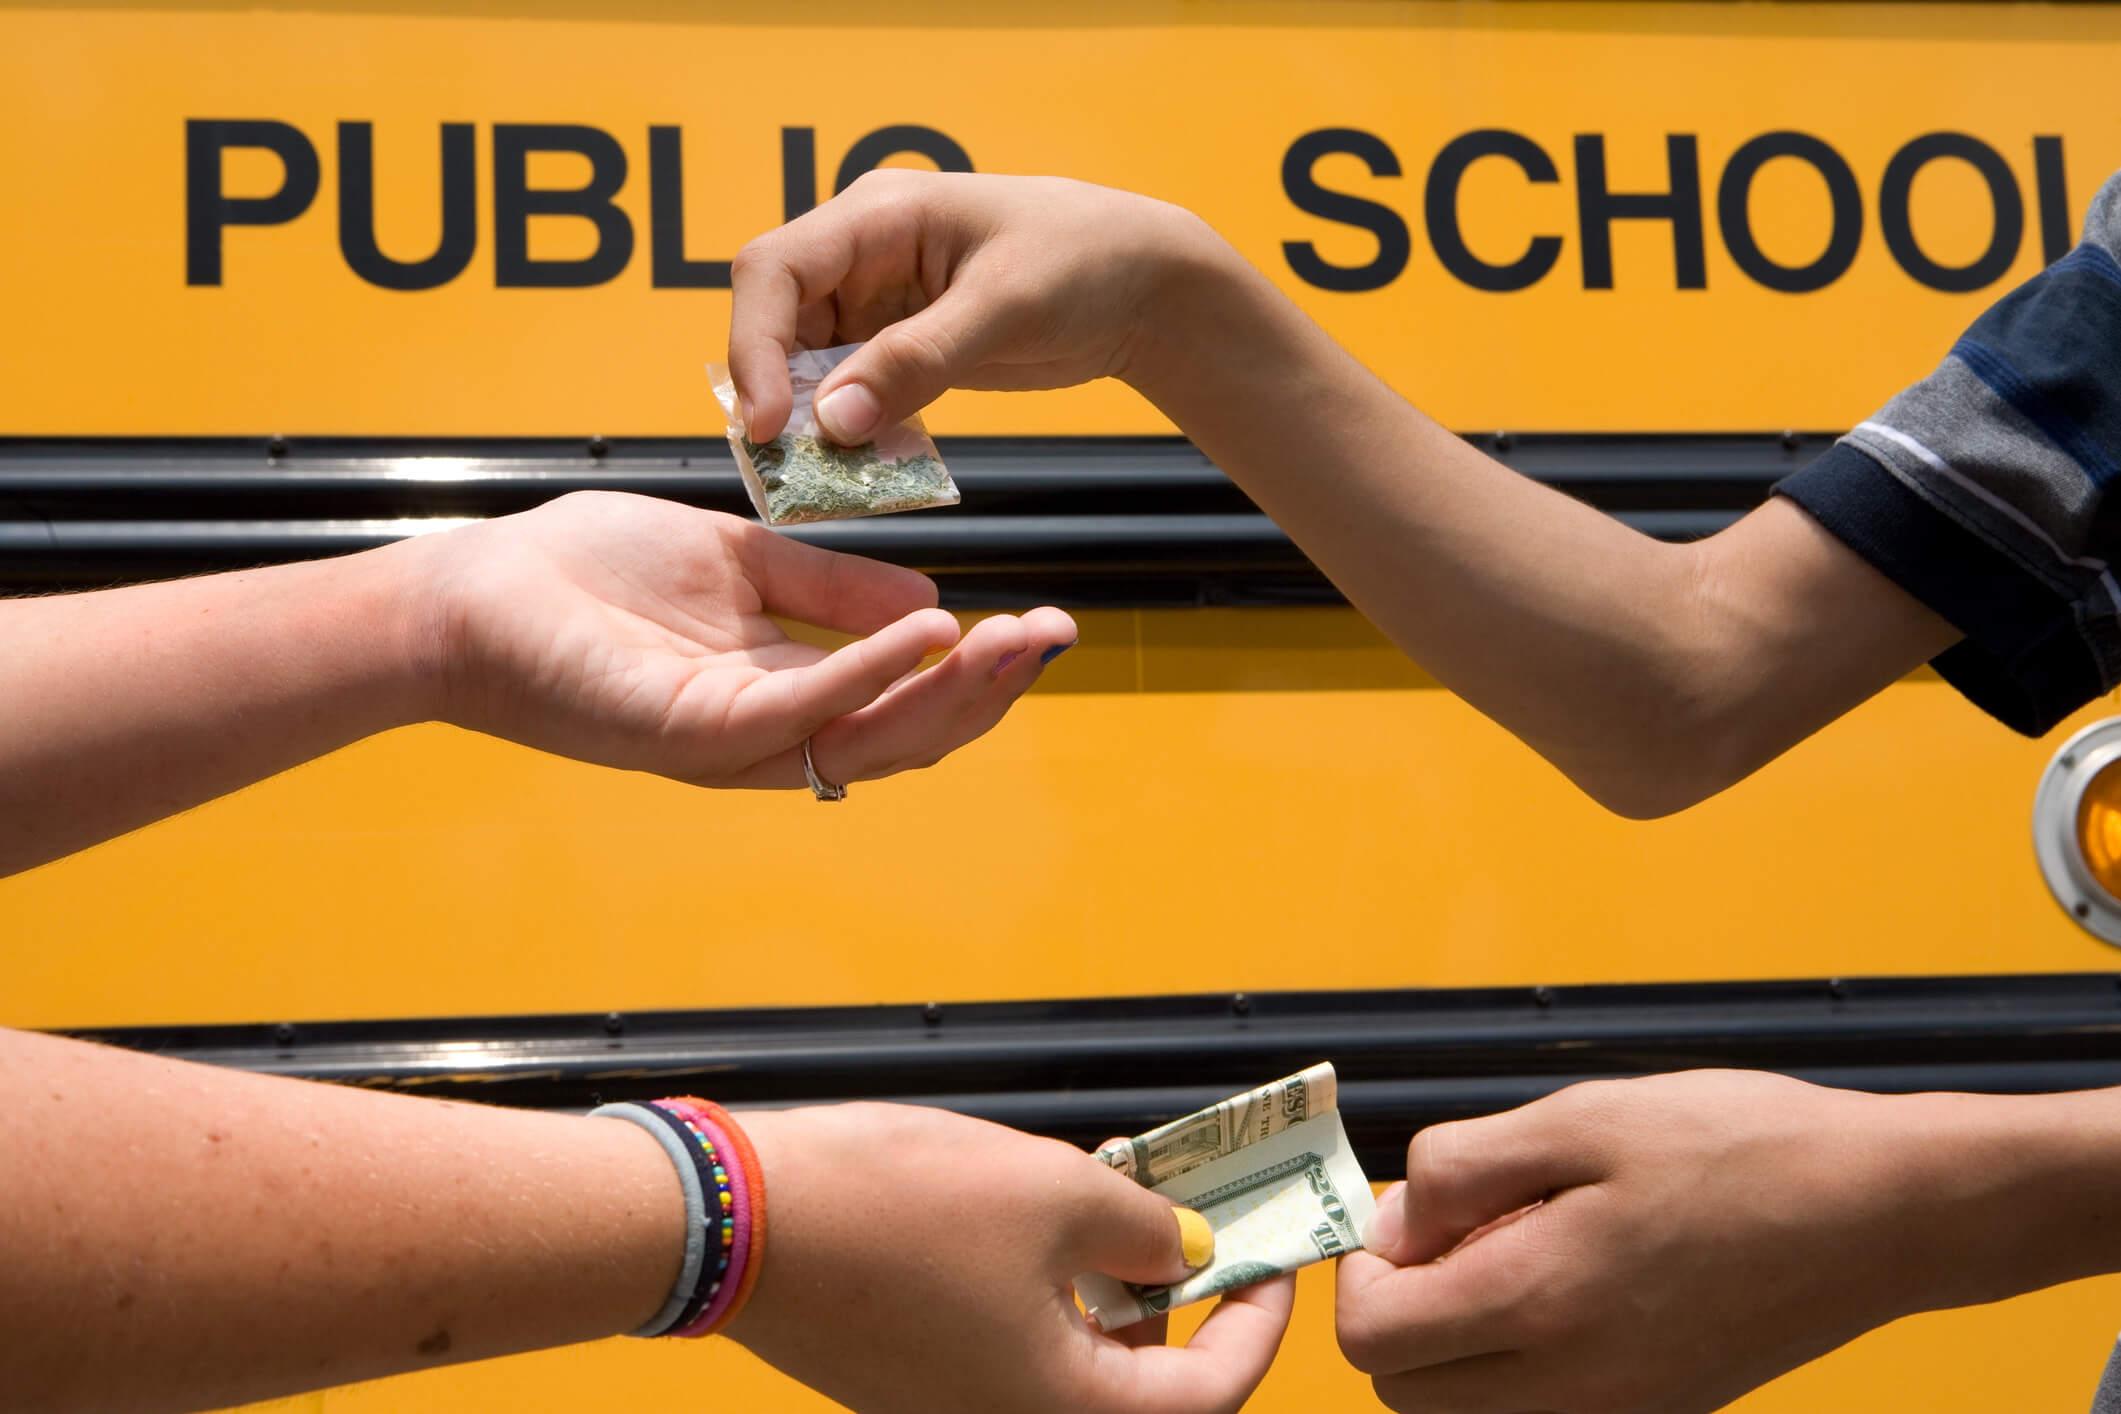 2 children making a drug exchange.